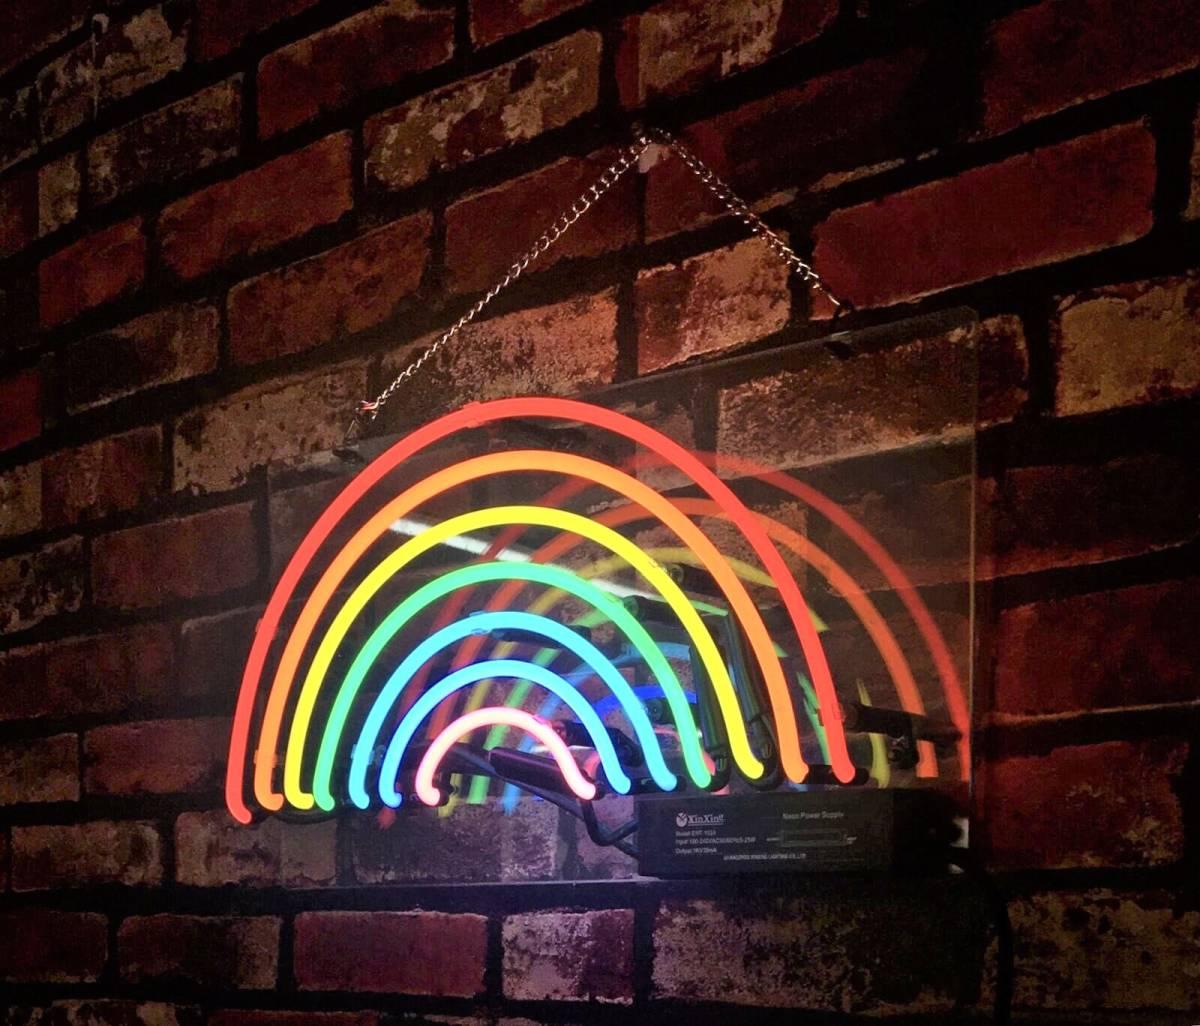 爆レア★虹 レインボー ネオンサイン 看板 幸せの架け橋 運気アップ ガレージ 世田谷ベース BAR カフェ ダイナーに♪_画像1